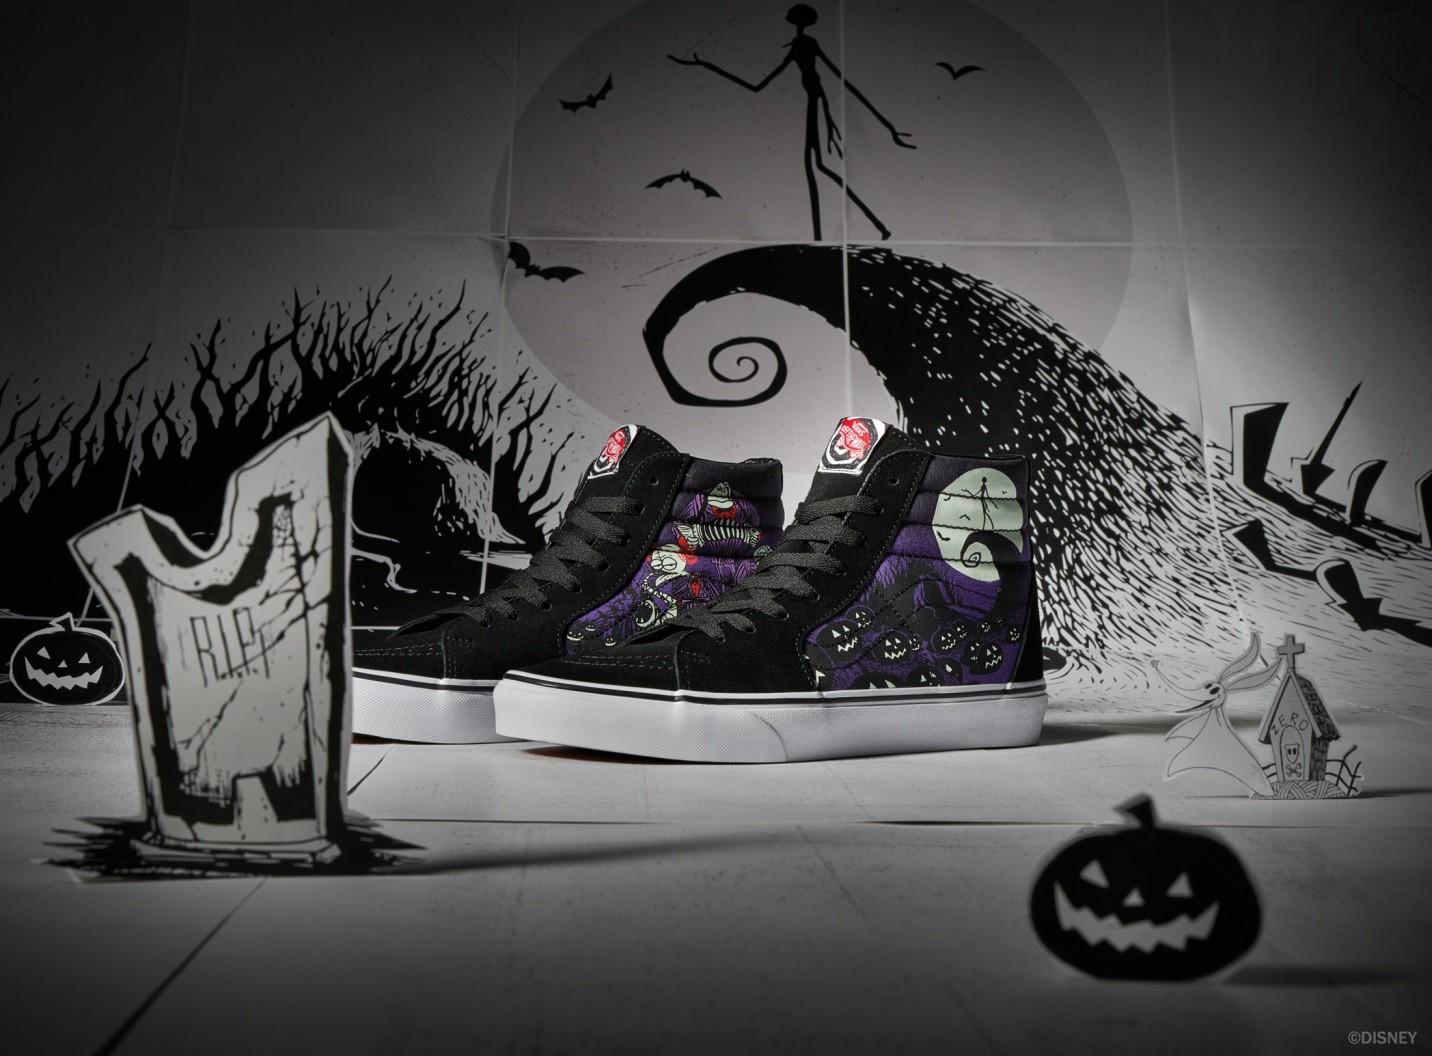 """Thiên hạ """"rần rần"""" đón Halloween với bộ sưu tập Vans X The Nightmare Before Christmas - Ảnh 2."""